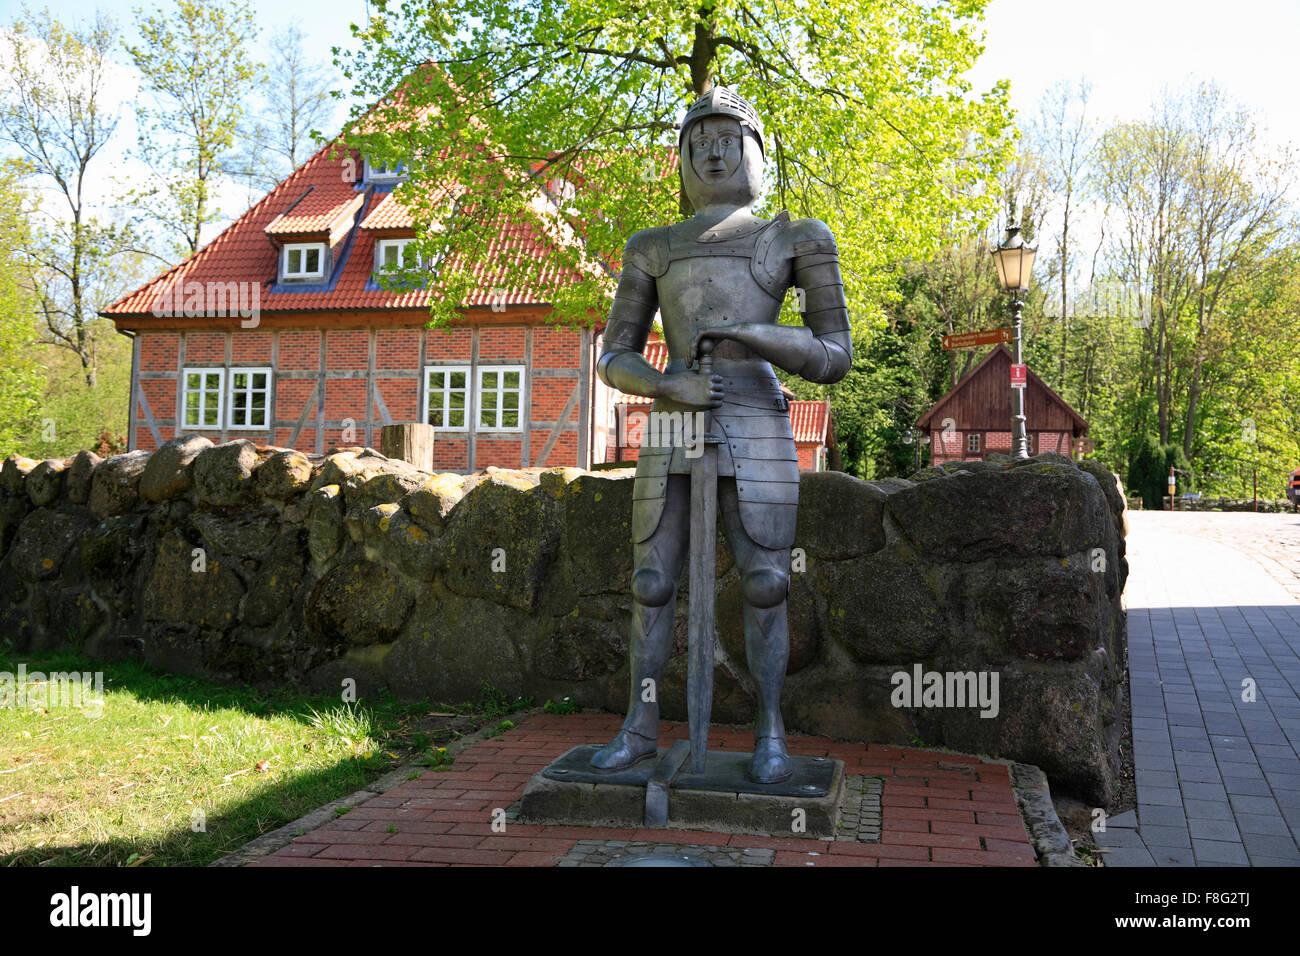 Bad Bodenteich, Ritterfigur, untere Sachsen, Deutschland, Europa Stockbild